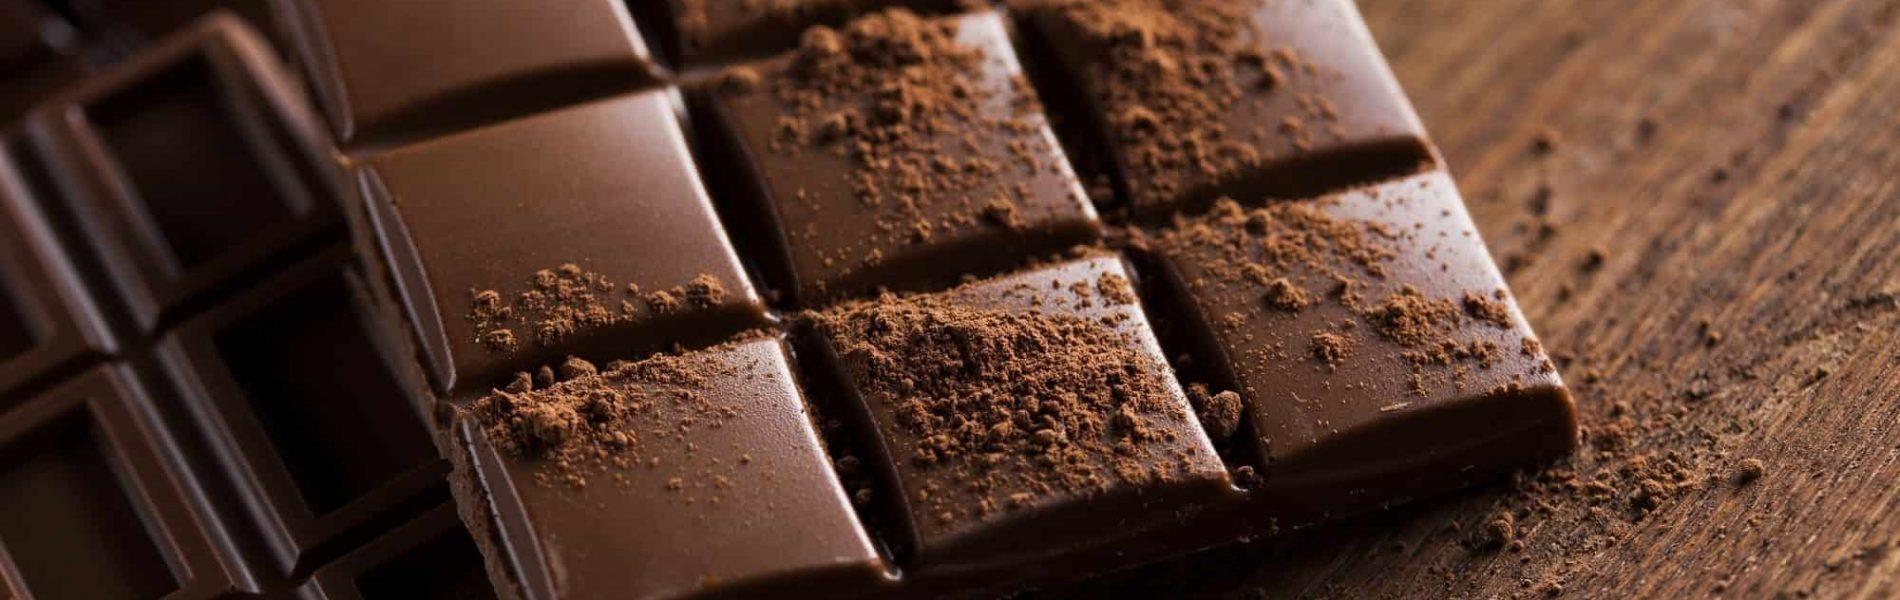 מריר: גידולי הקקאו משגשגים ואלה חדשות רעות לחובבי השוקולד